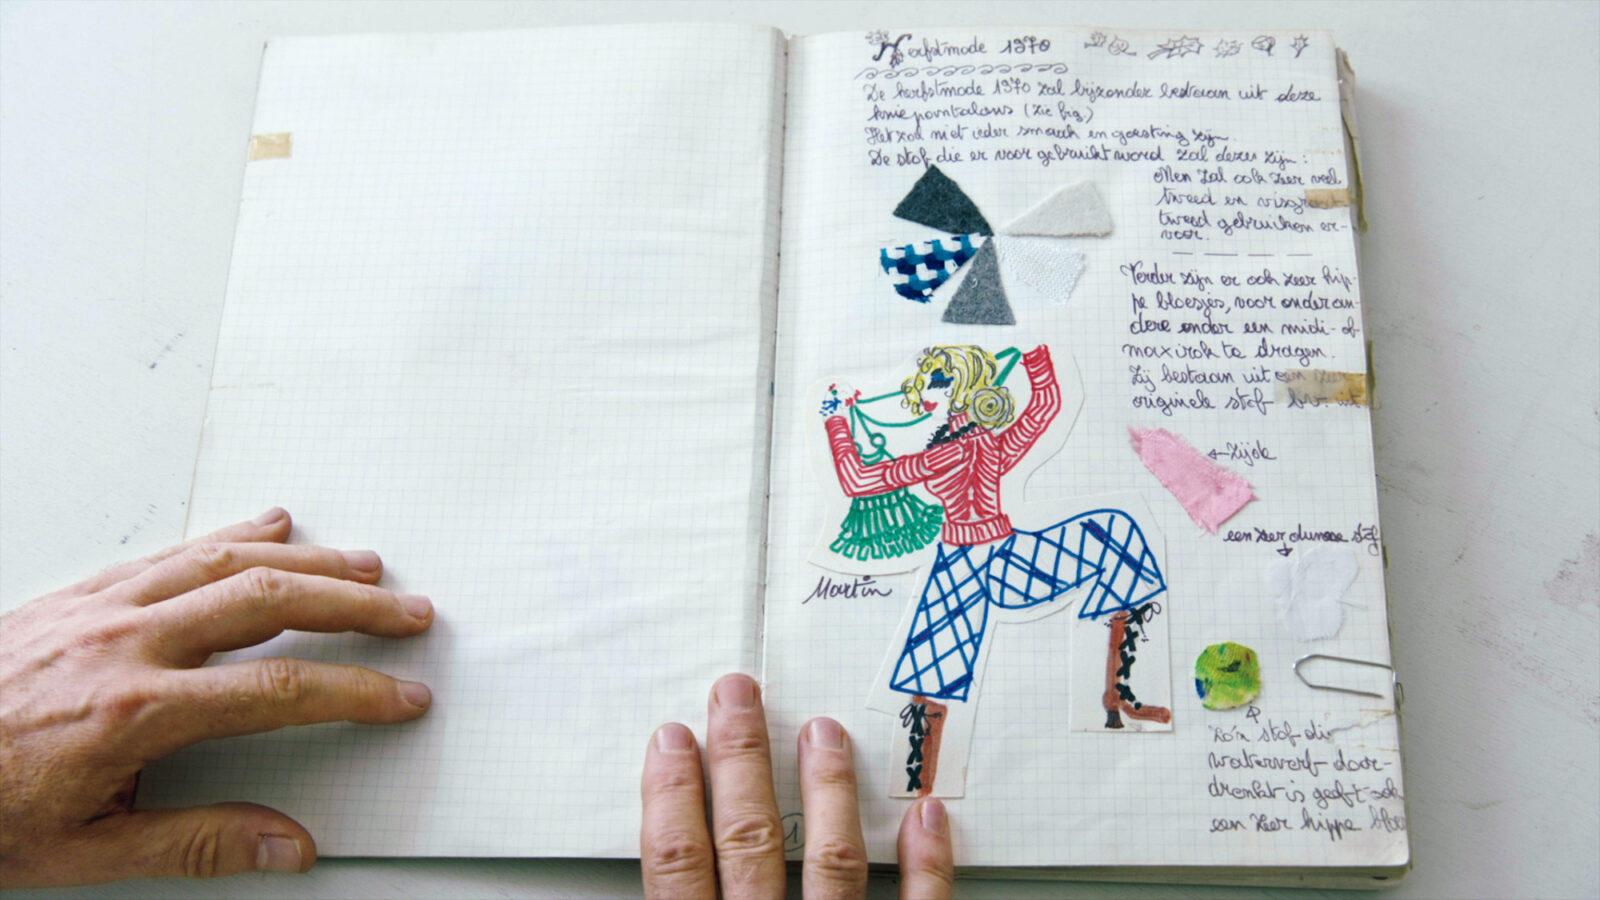 デザイン画には祖母の洋裁の端切れを貼り付けた。©2019 Reiner Holzemer Film ‒ RTBF ‒ Aminata Productions